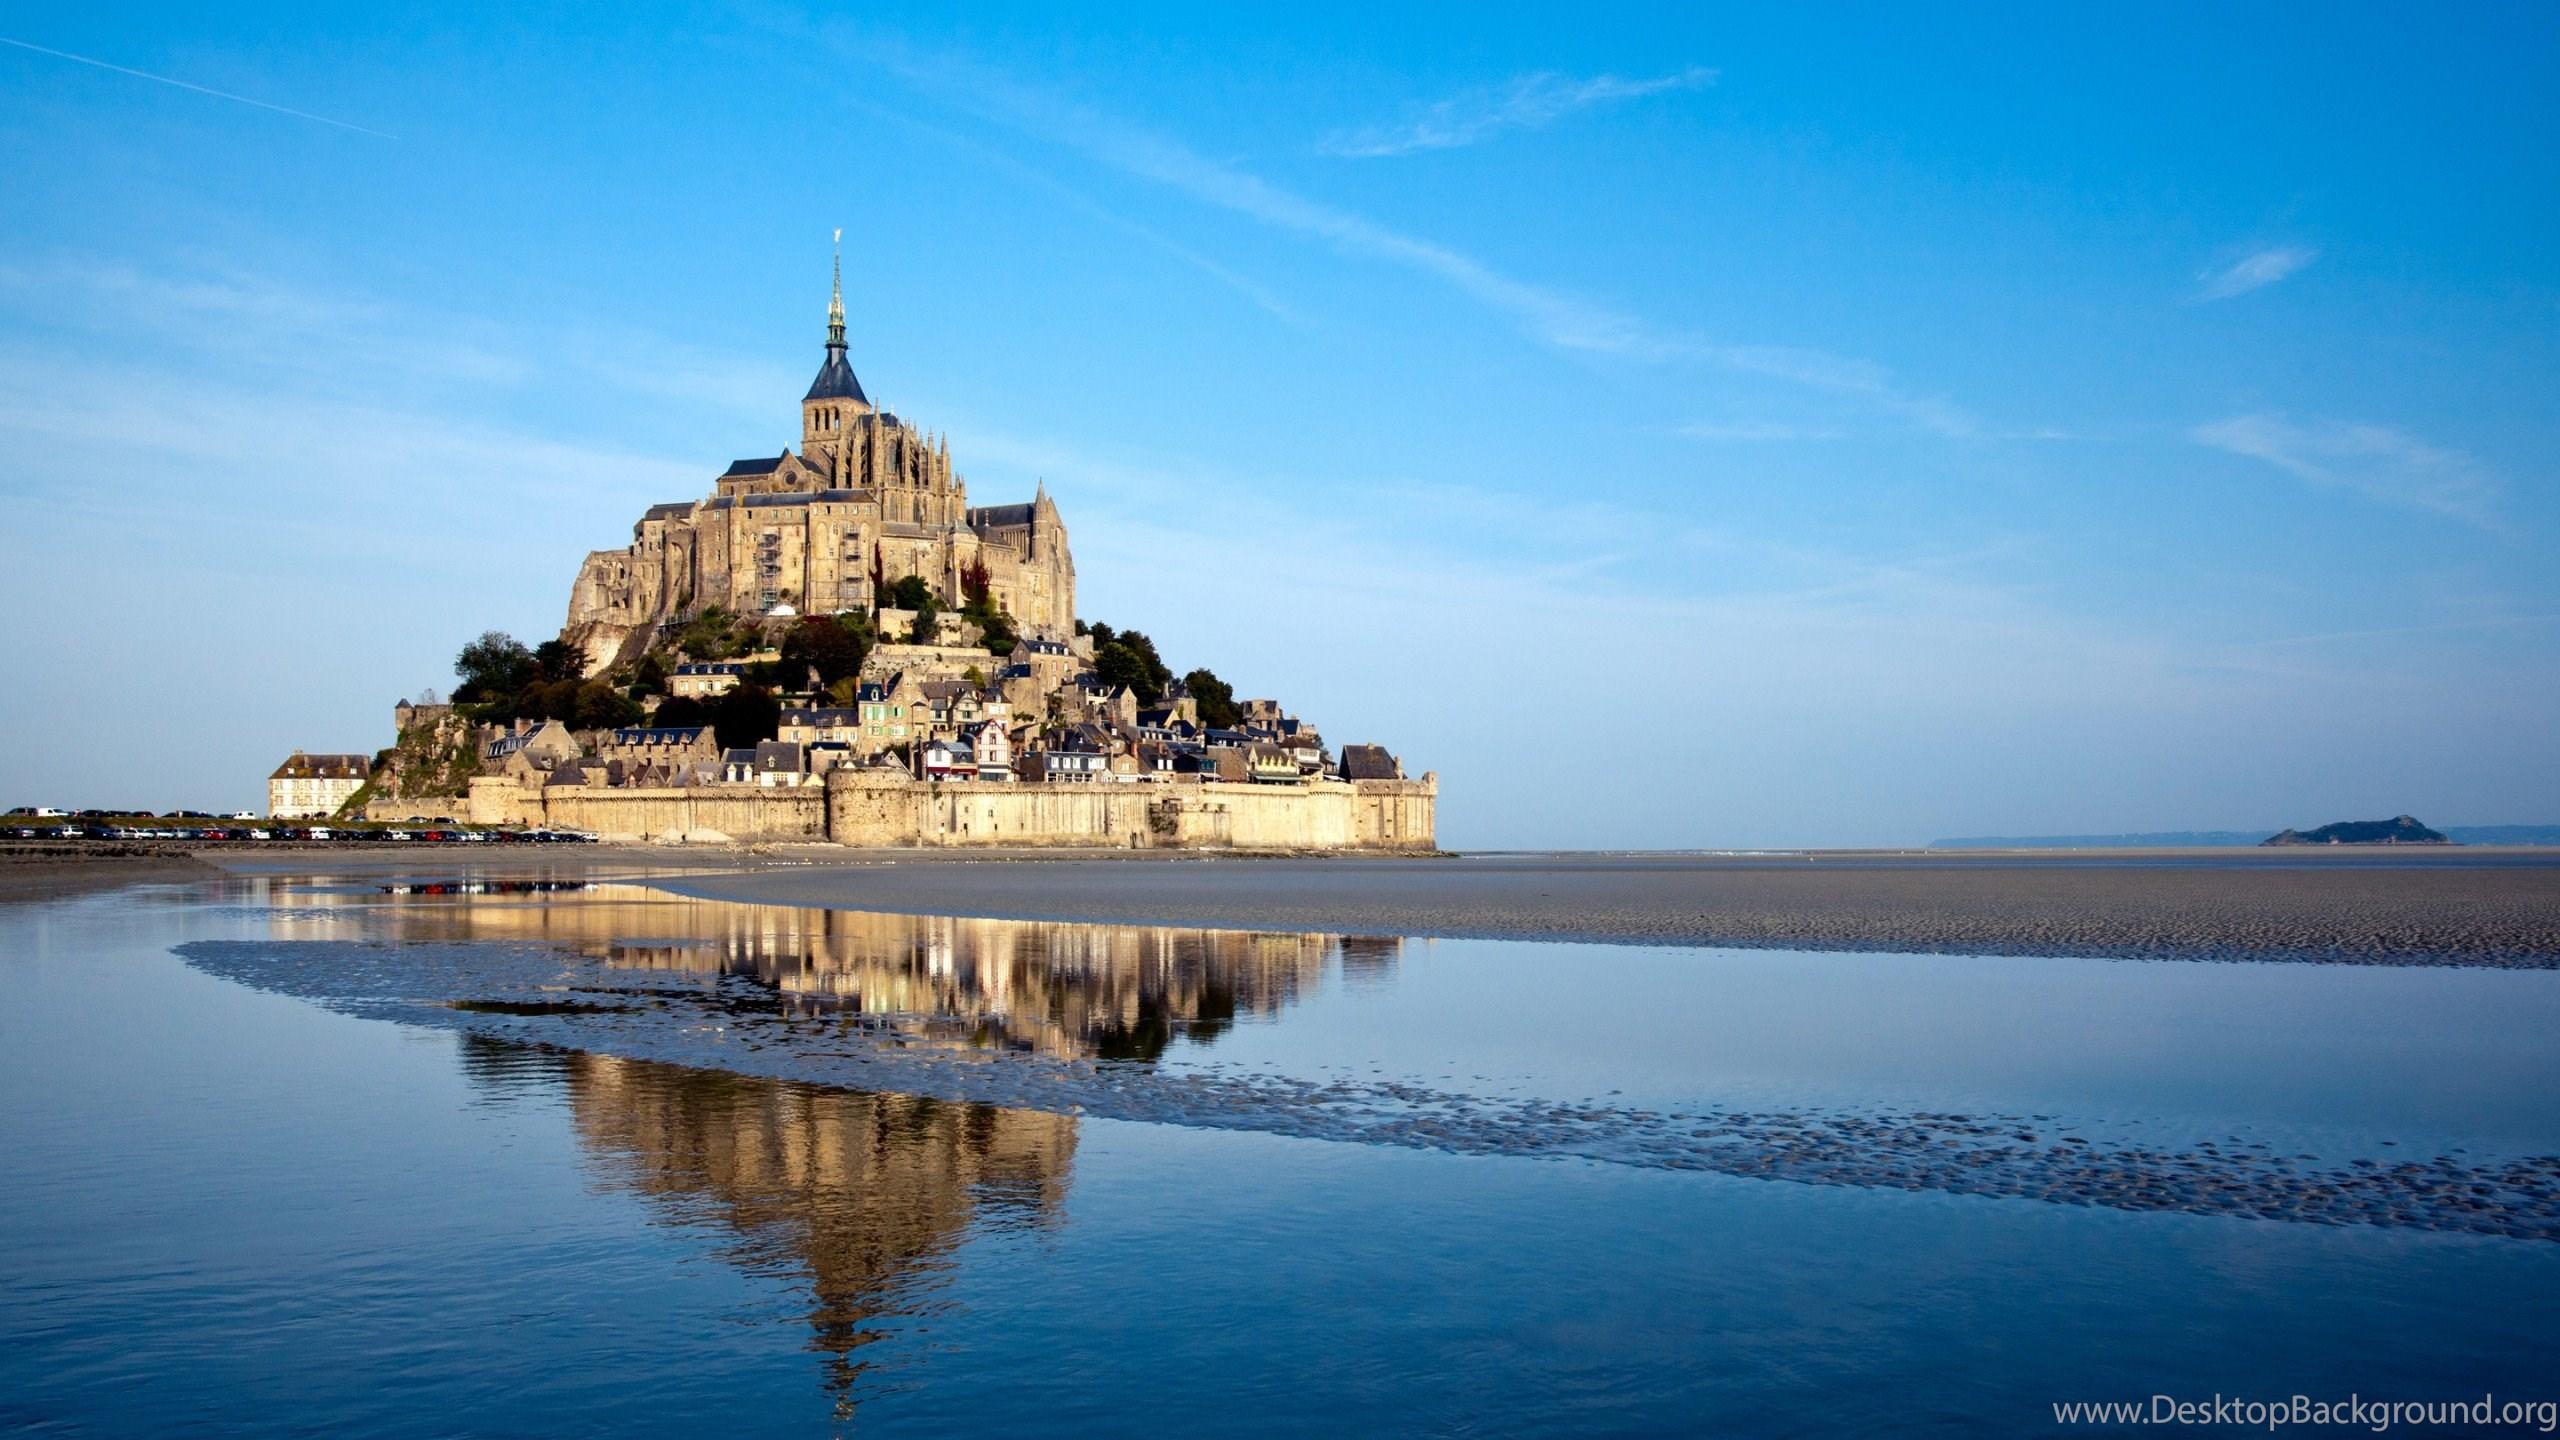 Wallpapers St Michael Mont Saint Michel Basse Normandie Frankreich Desktop Background